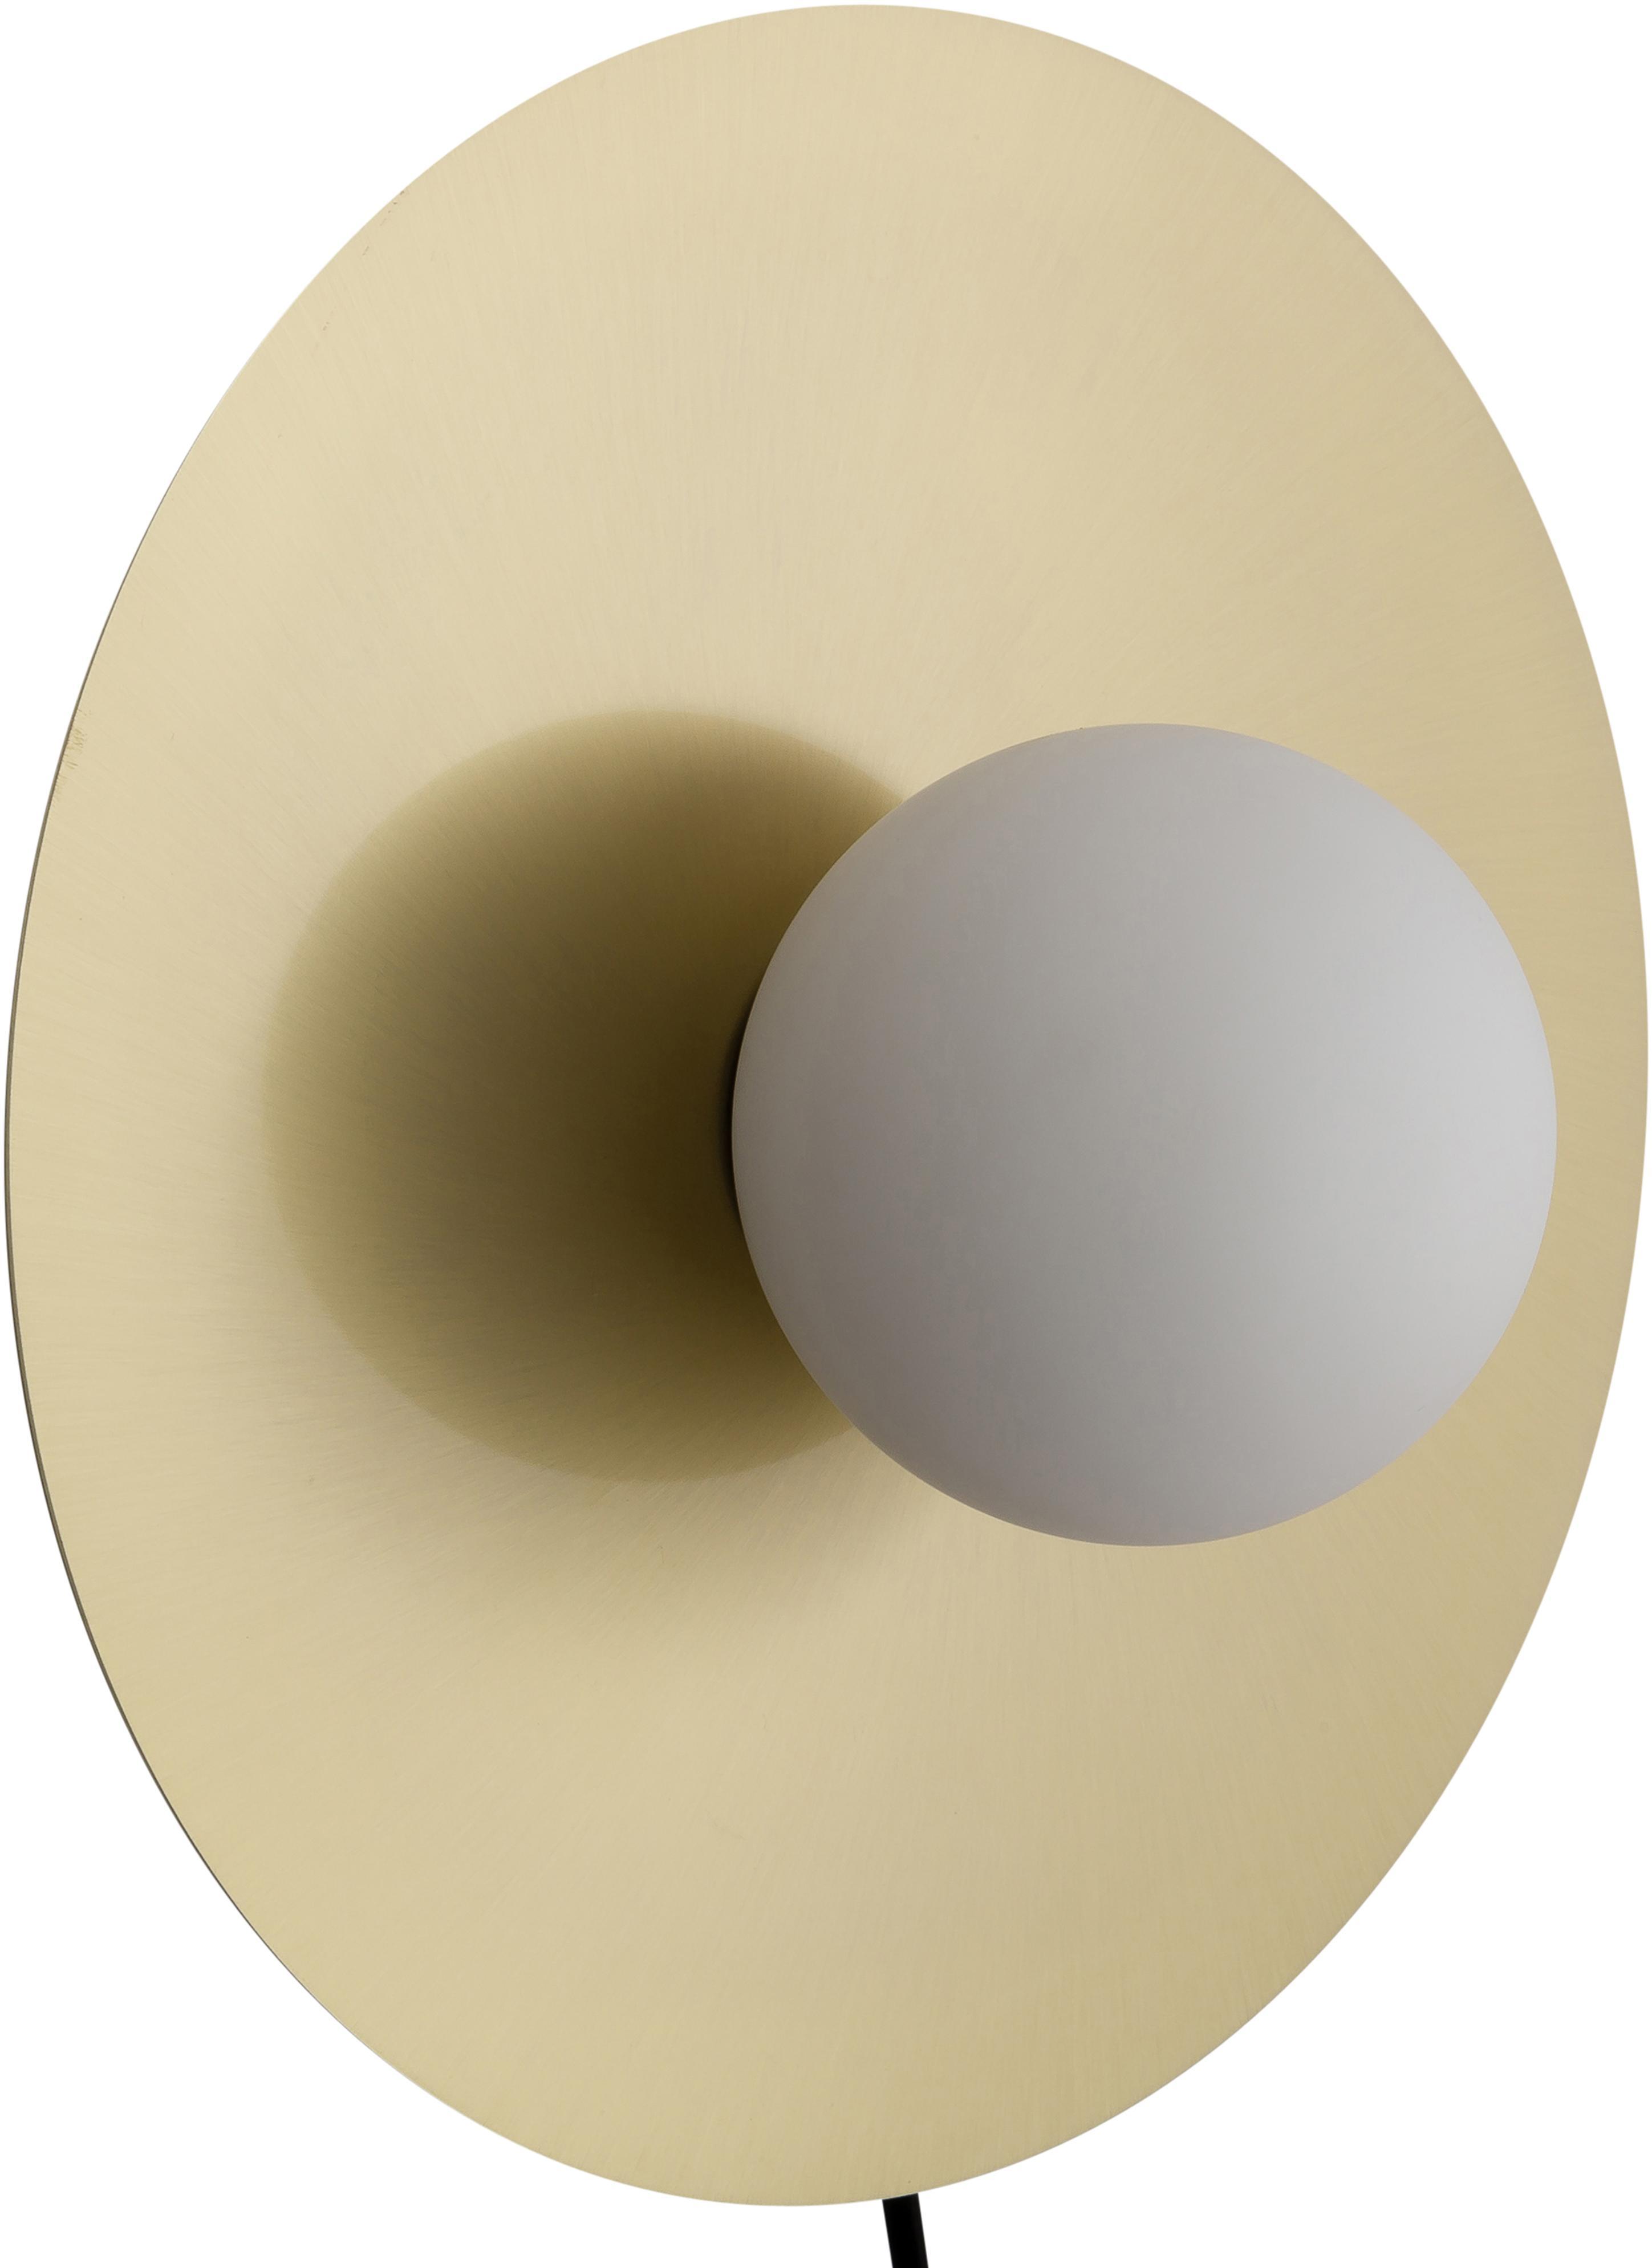 Kinkiet LED Starling, Osłona mocowania sufitowego: odcienie mosiądzu, matowy Klosz: biały, Ø 33 cm